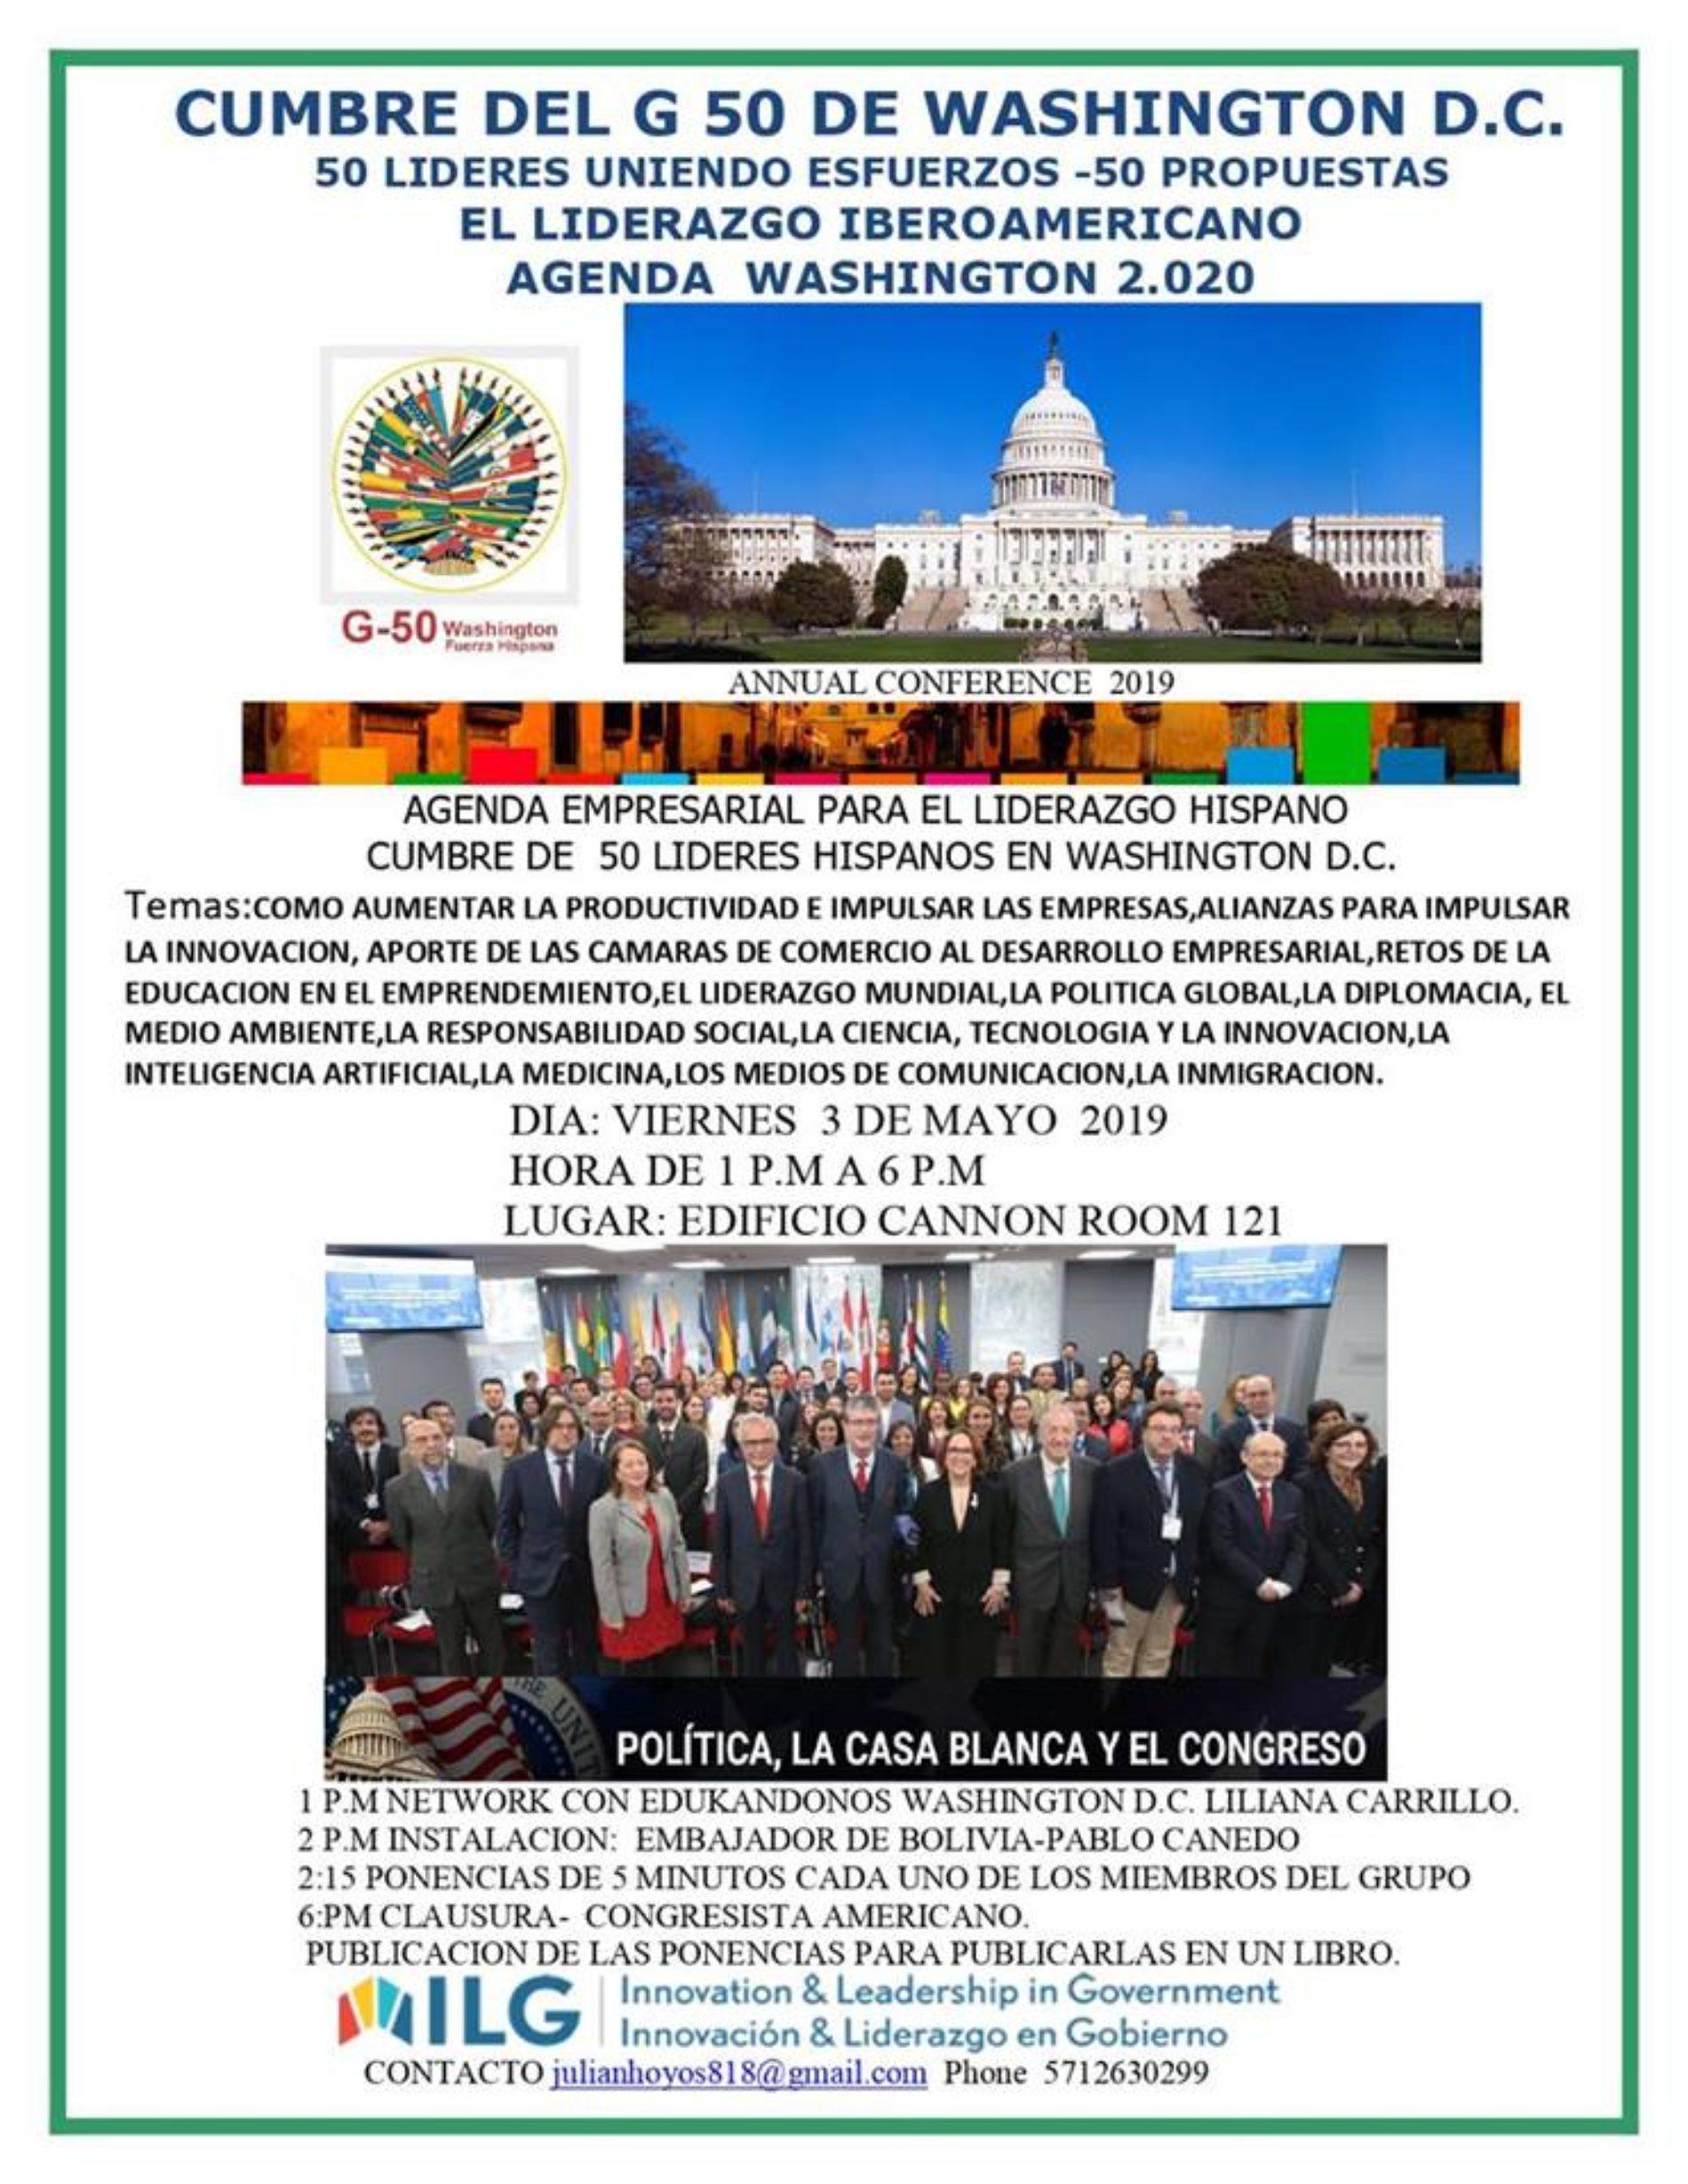 CUMBRE EMPRESARIAL DE LÍDERES G50 EN WASHINGTON D.C.